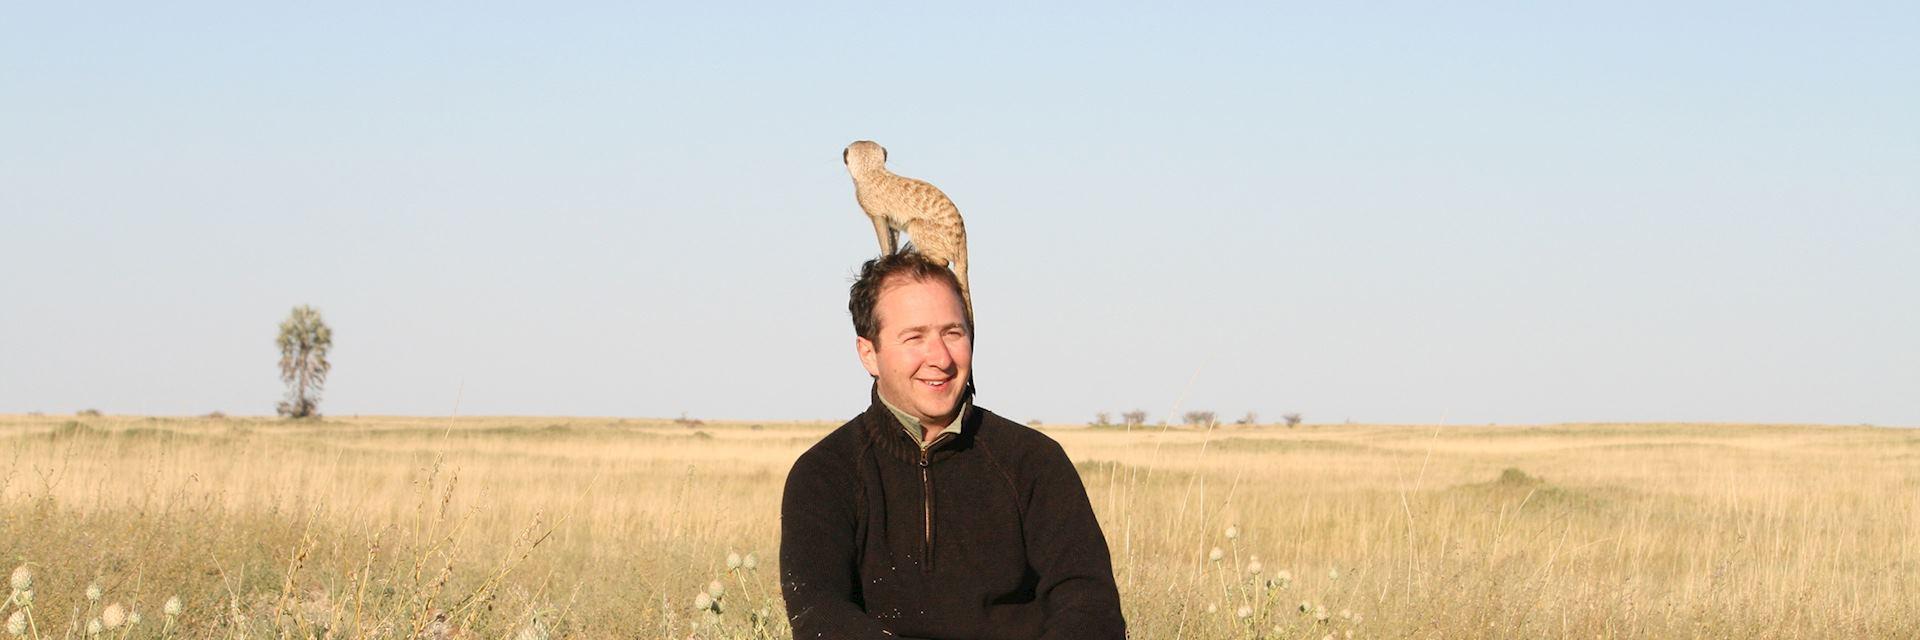 James shows off his new meerkat hat, Botswana